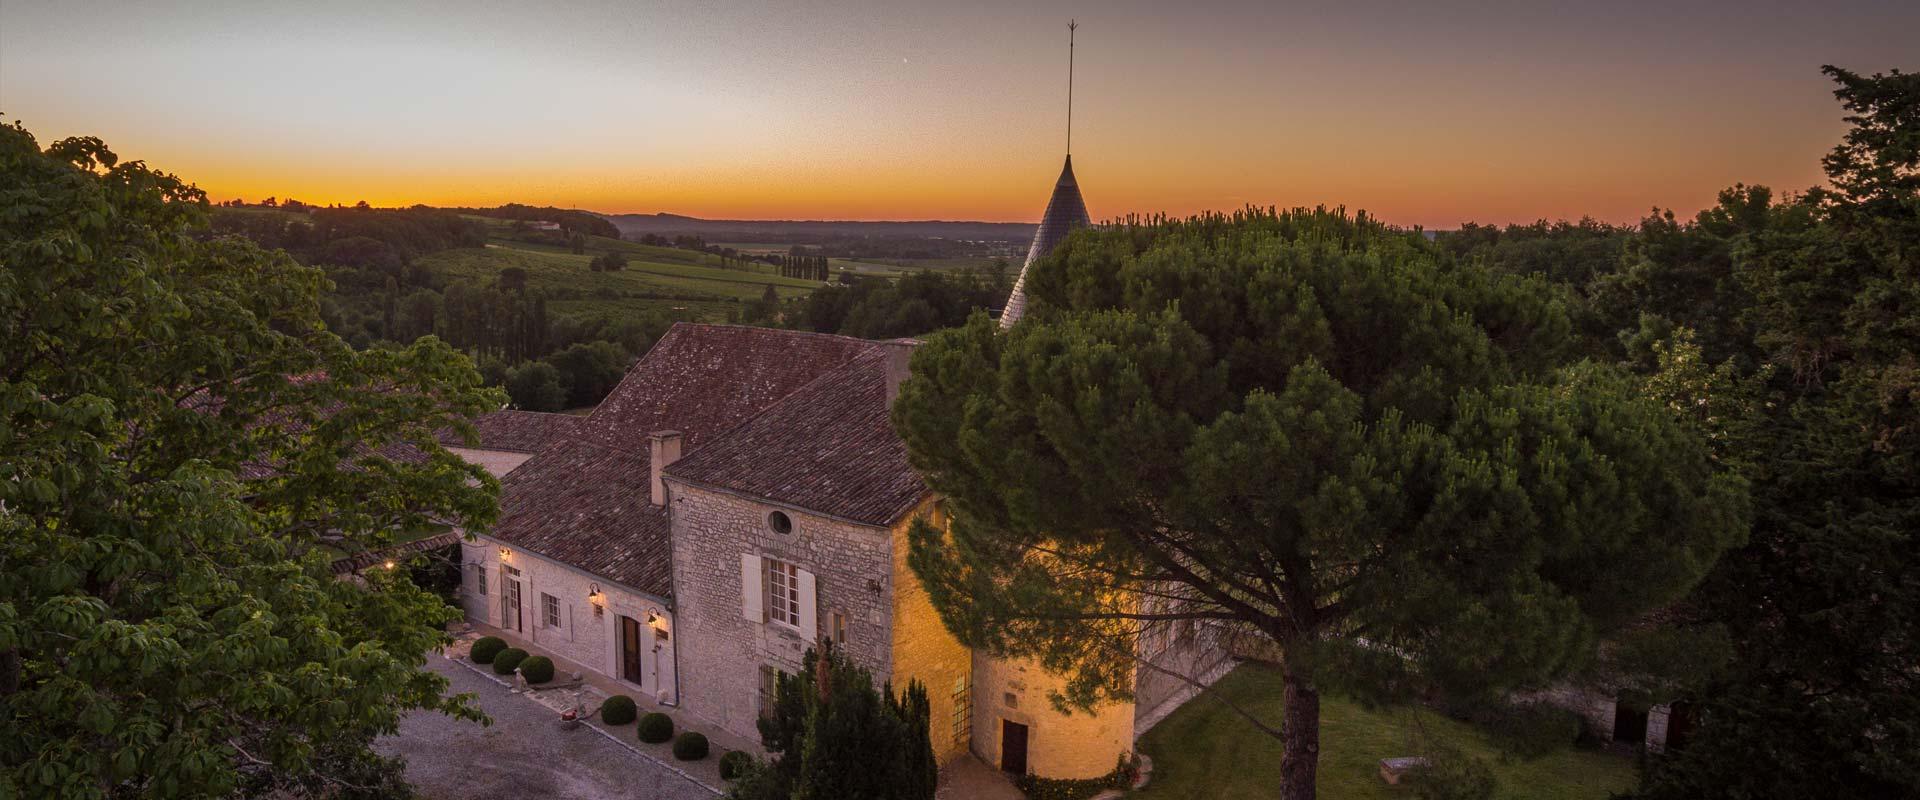 head-home-chateau-de-fayolle-2